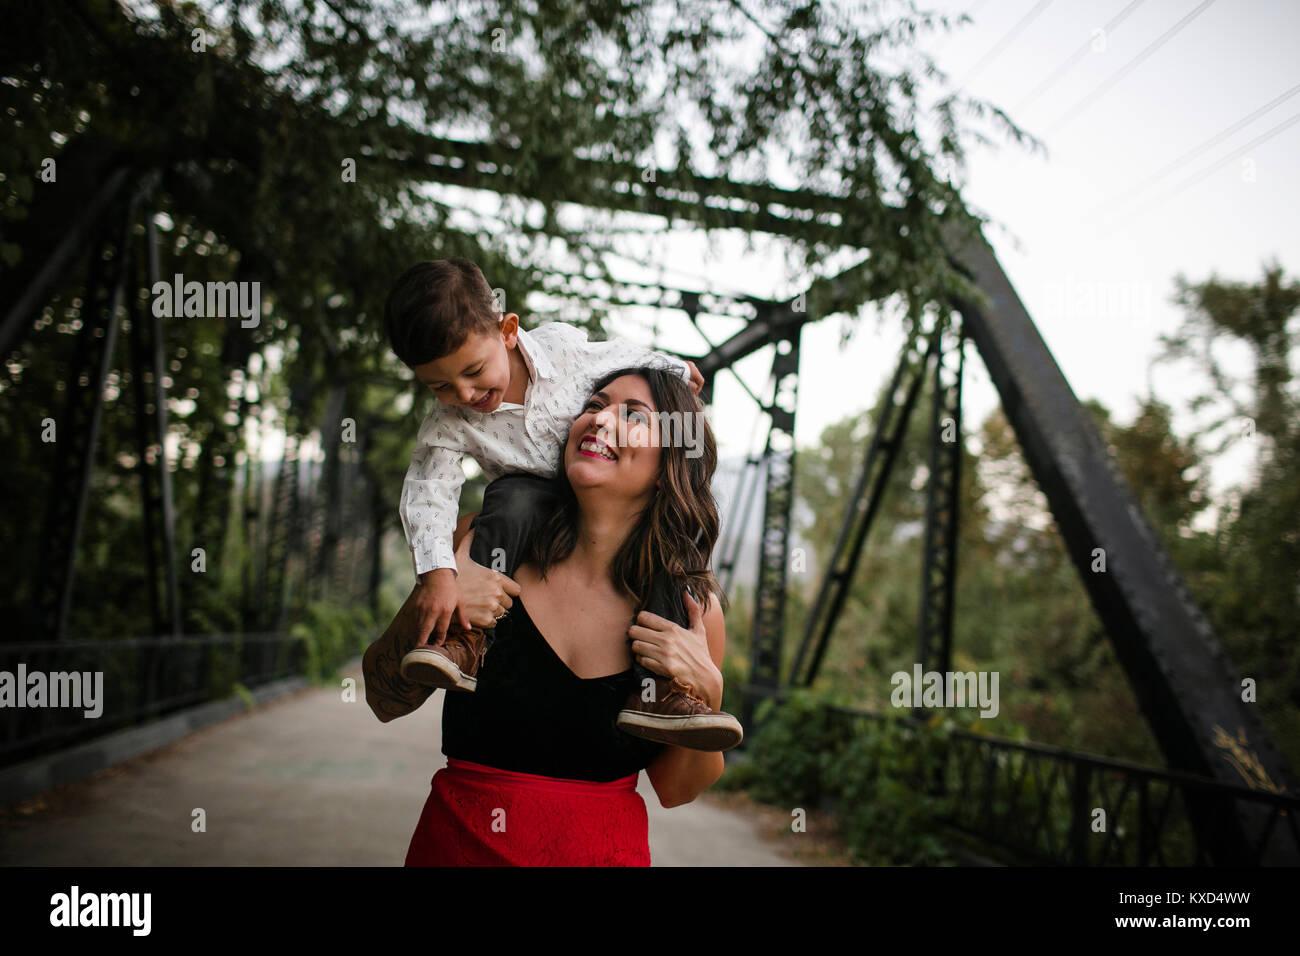 Allegro madre figlio che porta sulle spalle a ponte Immagini Stock